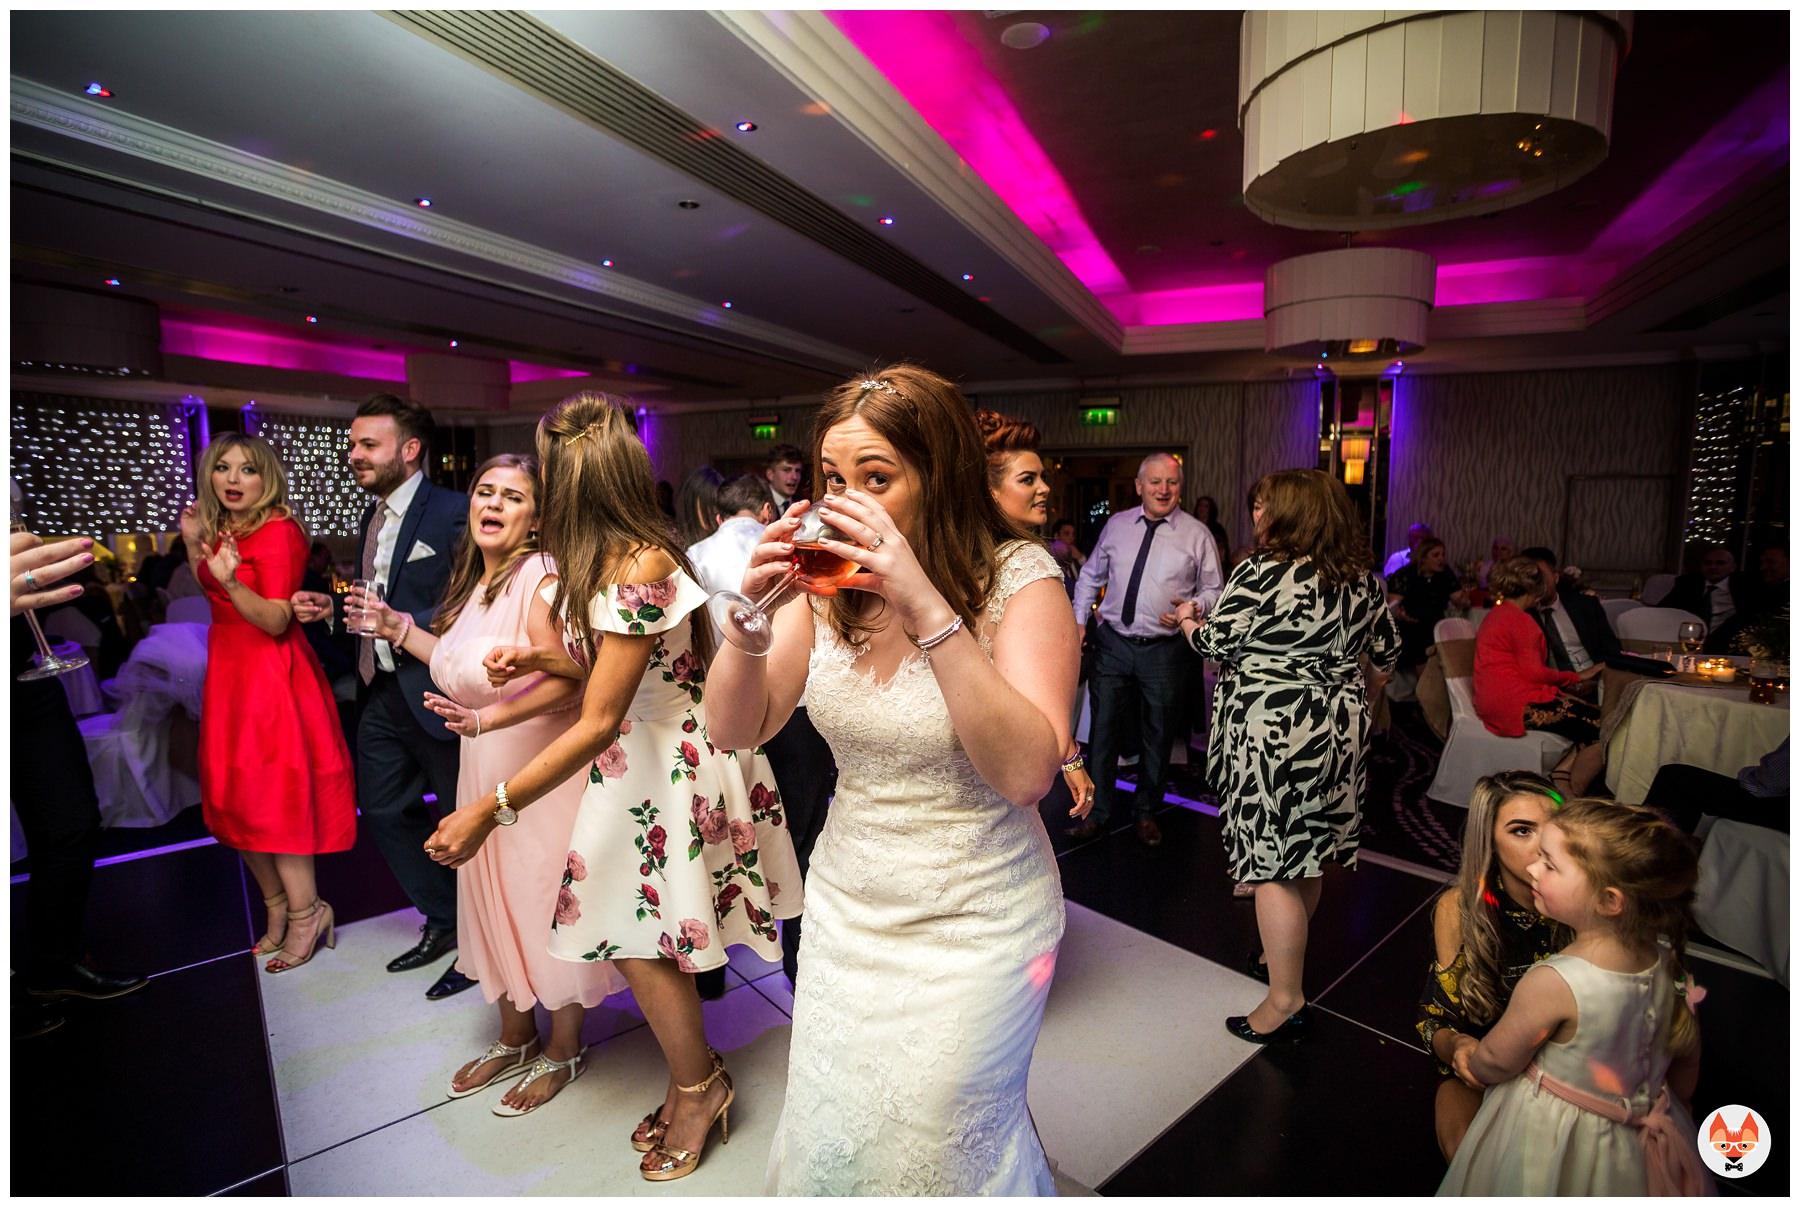 bride caught on dance floor with wine